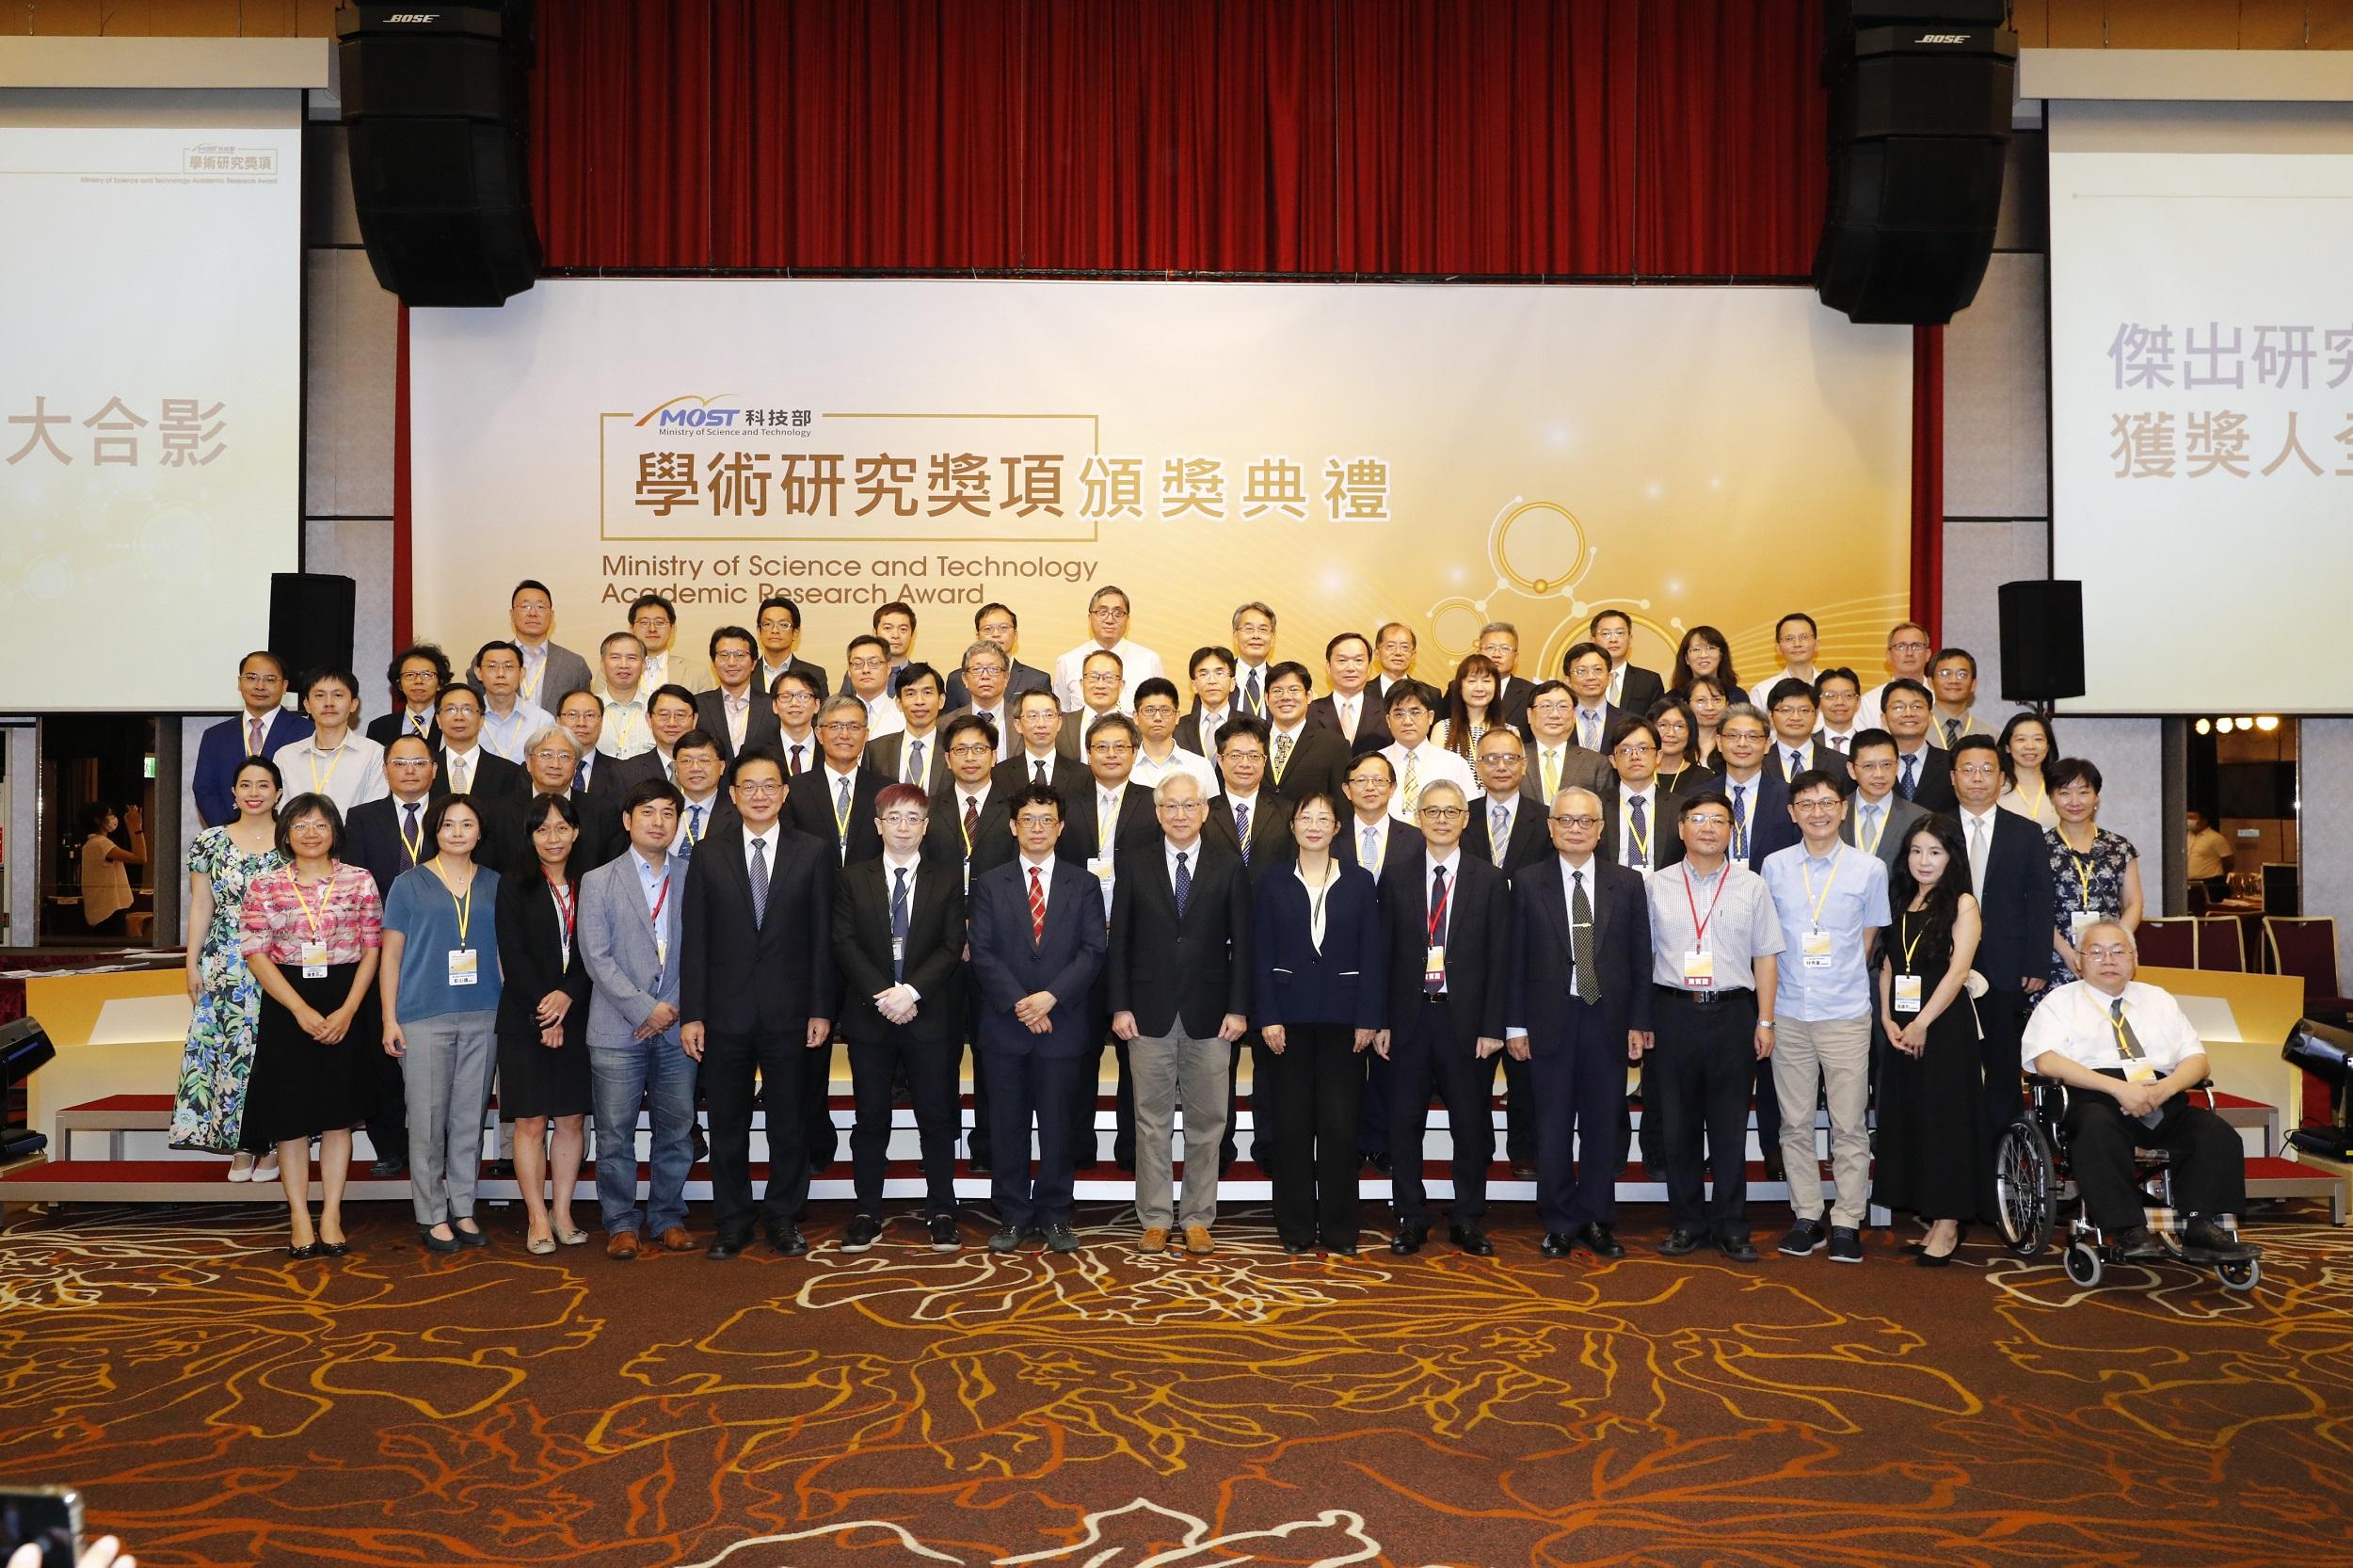 科技部學術研究獎 盼科研人才帶動台灣競爭力的標題圖片